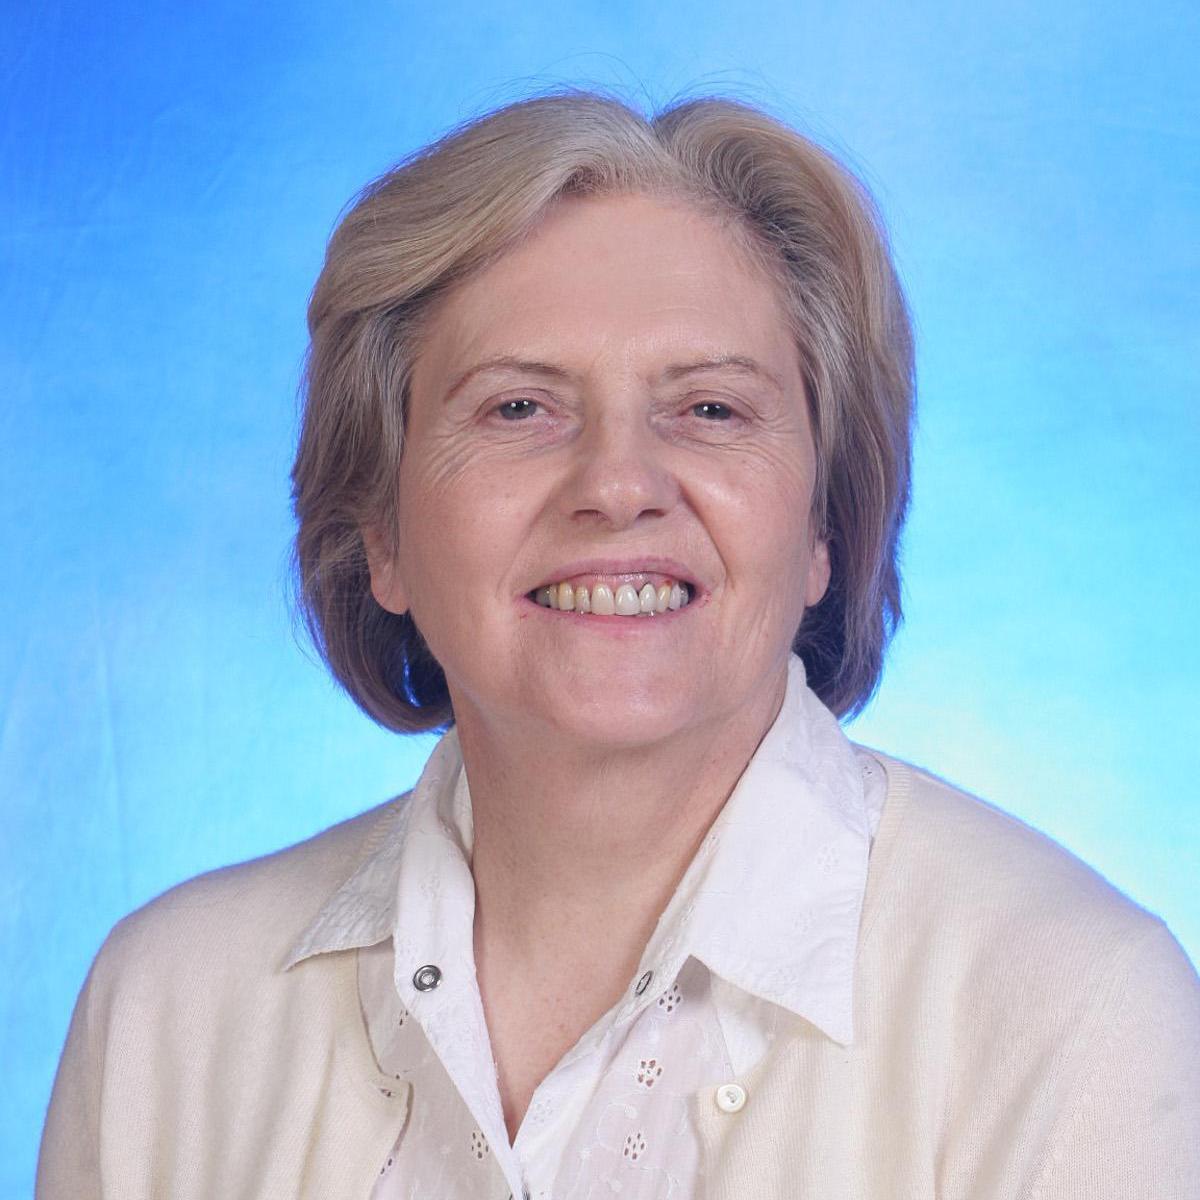 M. Moran's Profile Photo